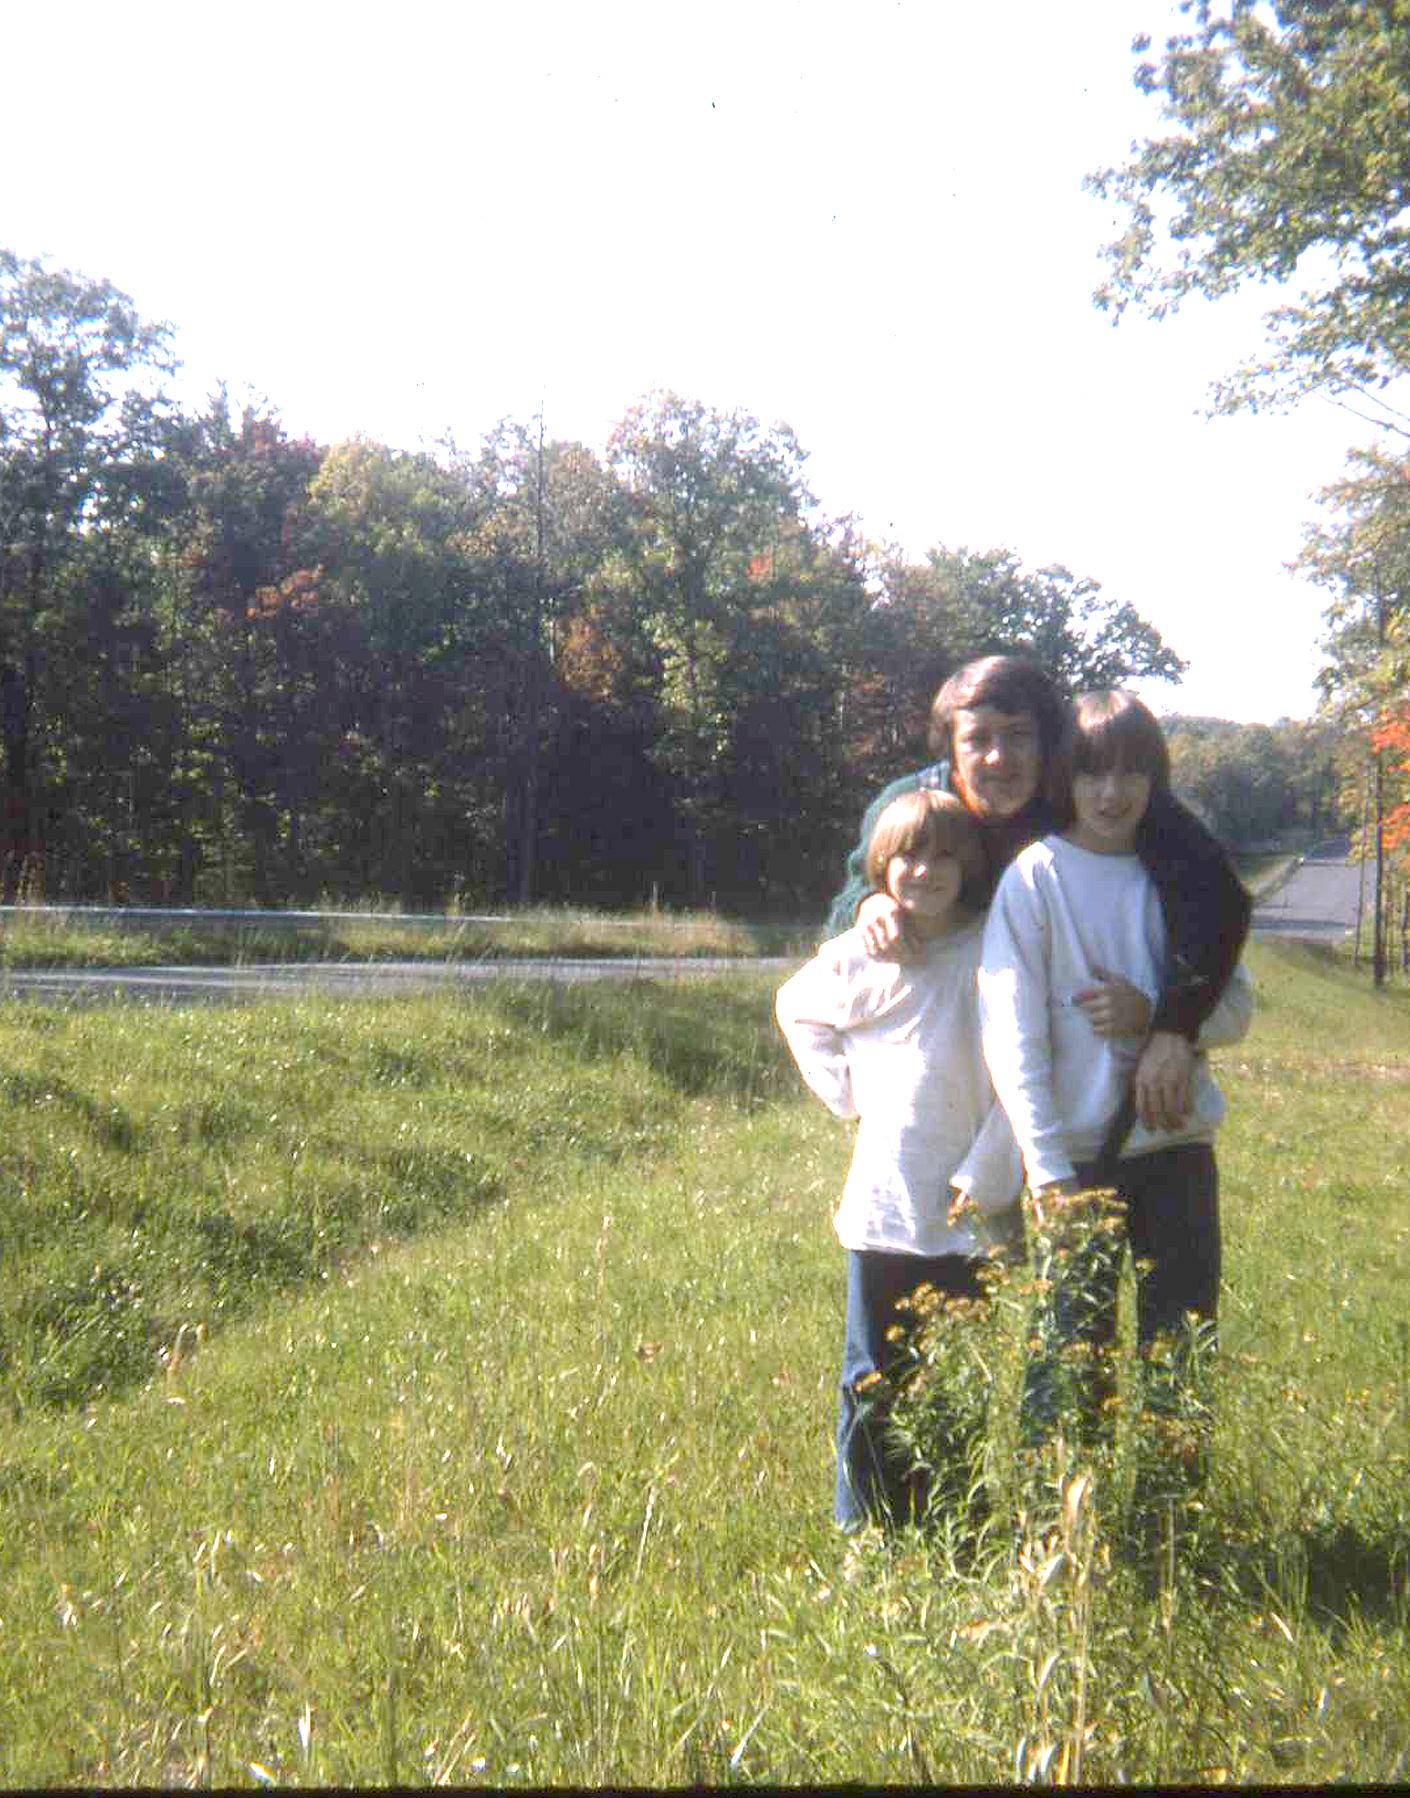 My Dad & his two boys ~ Sparta, NJ 1975 or so...